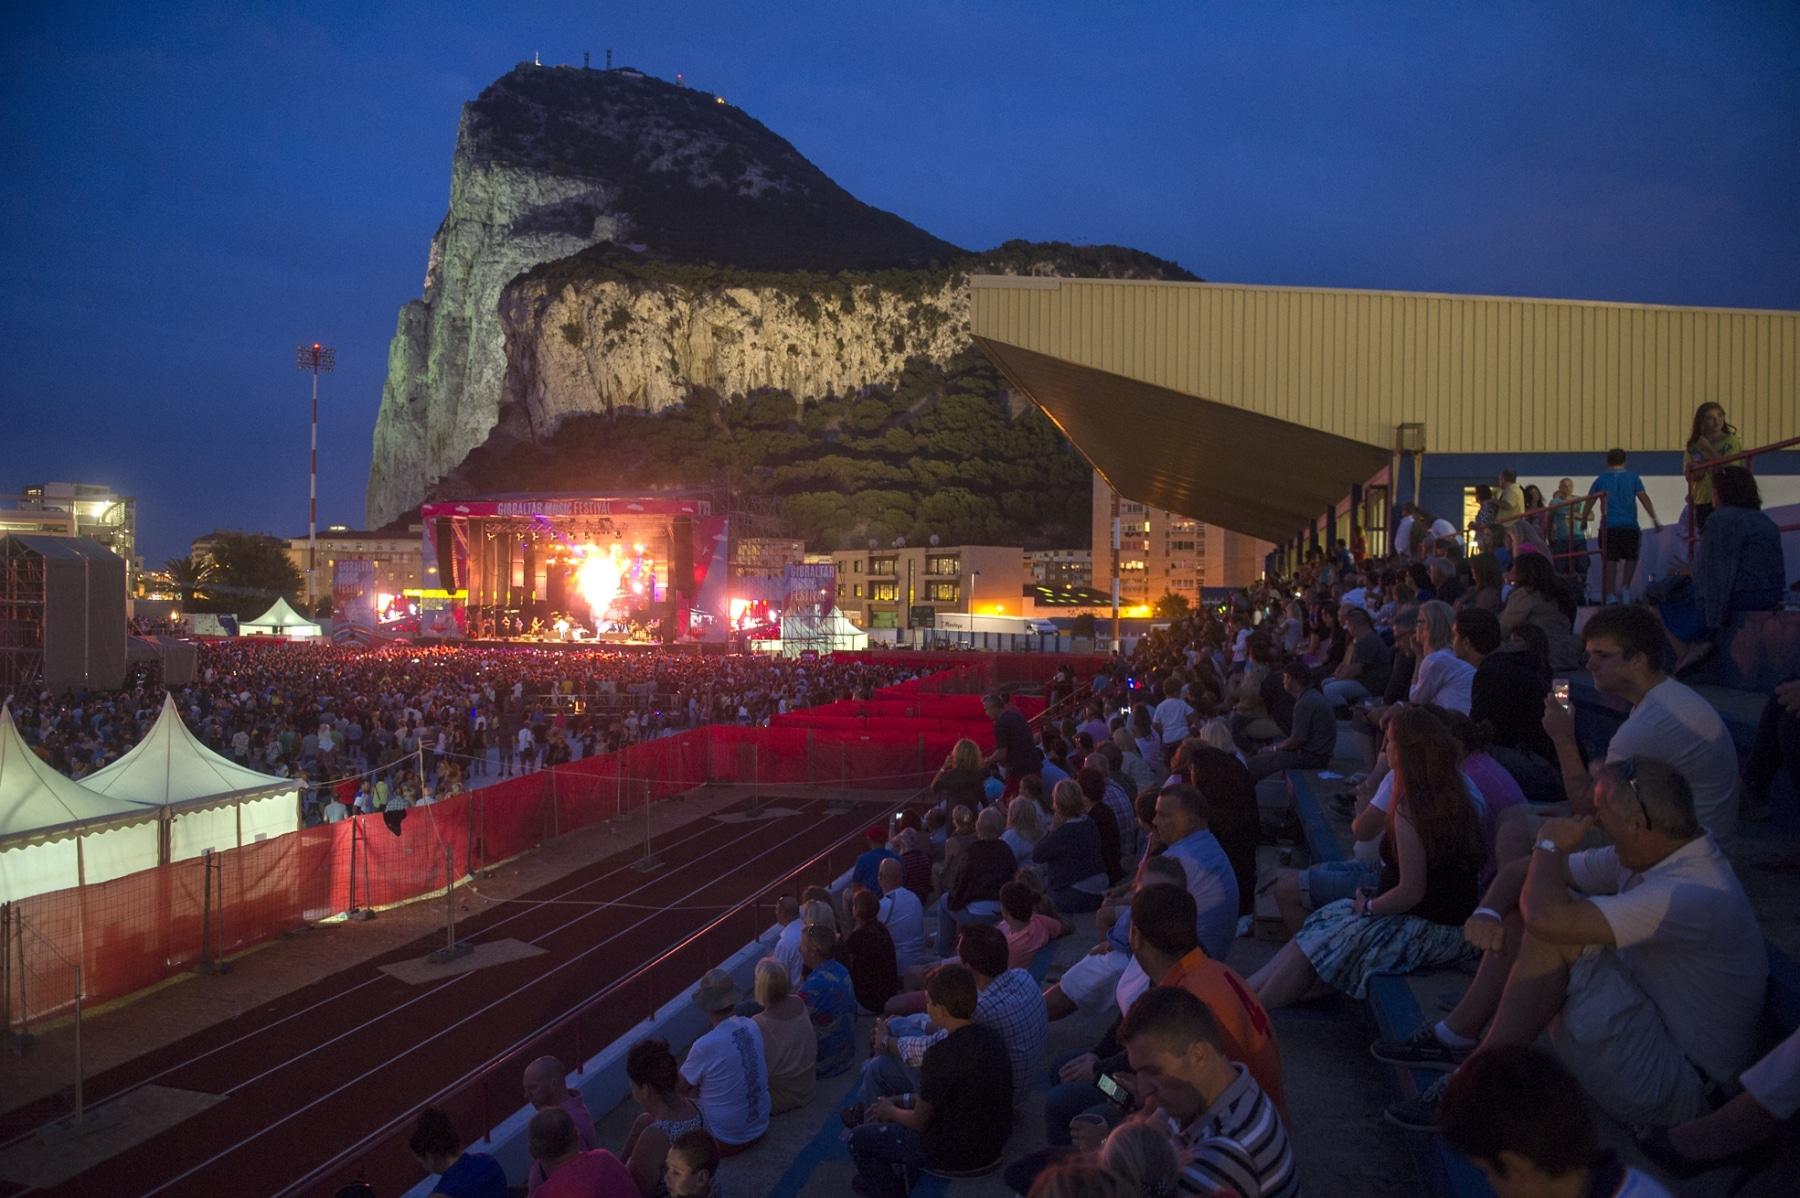 gibraltar-music-festival-2013-publico-y-ambiente_9699816029_o